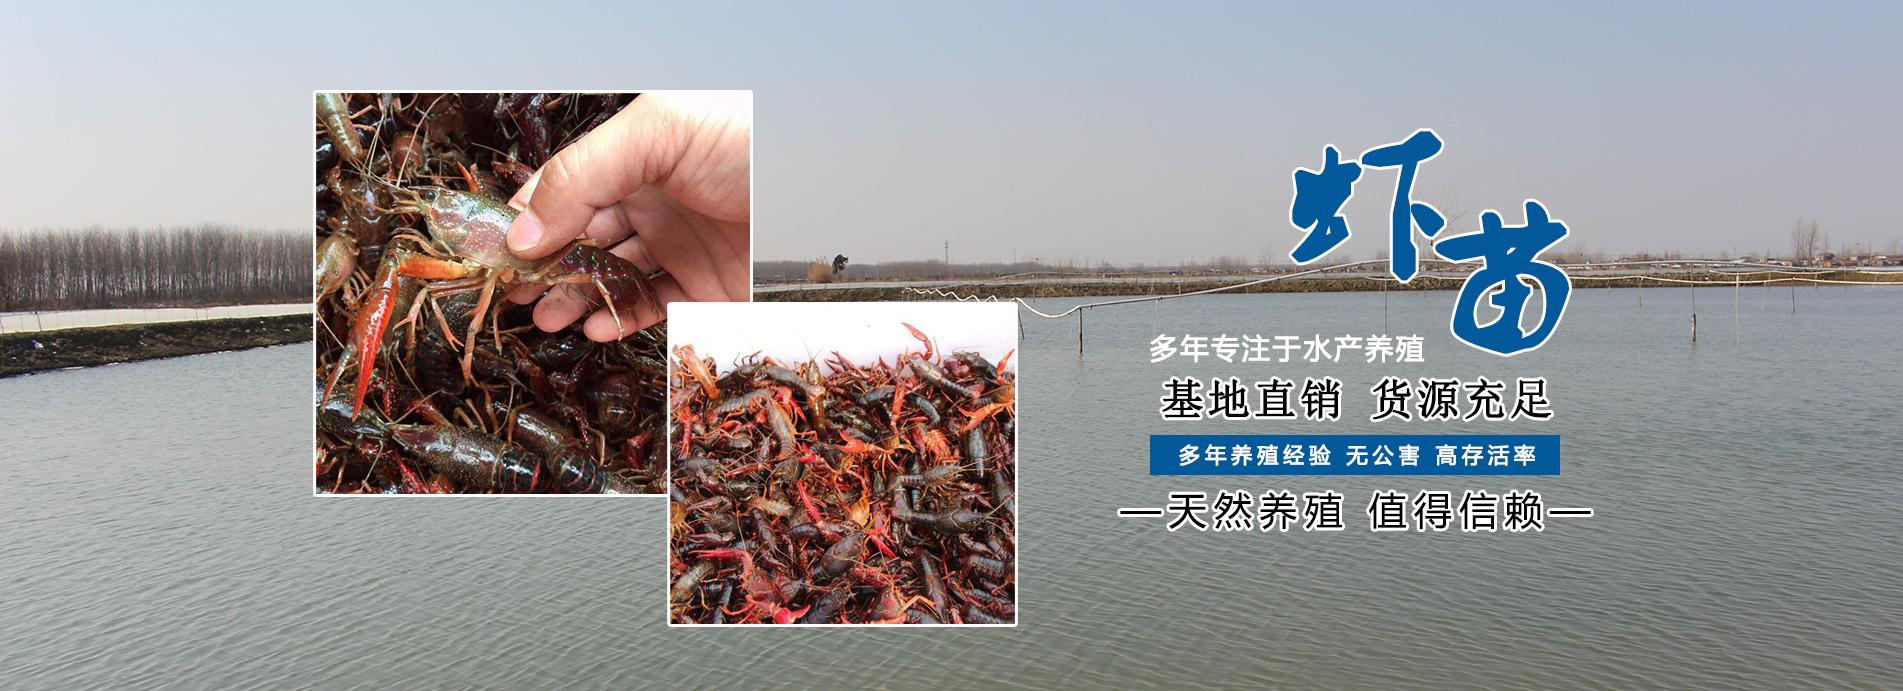 江苏金满池水产品有限公司